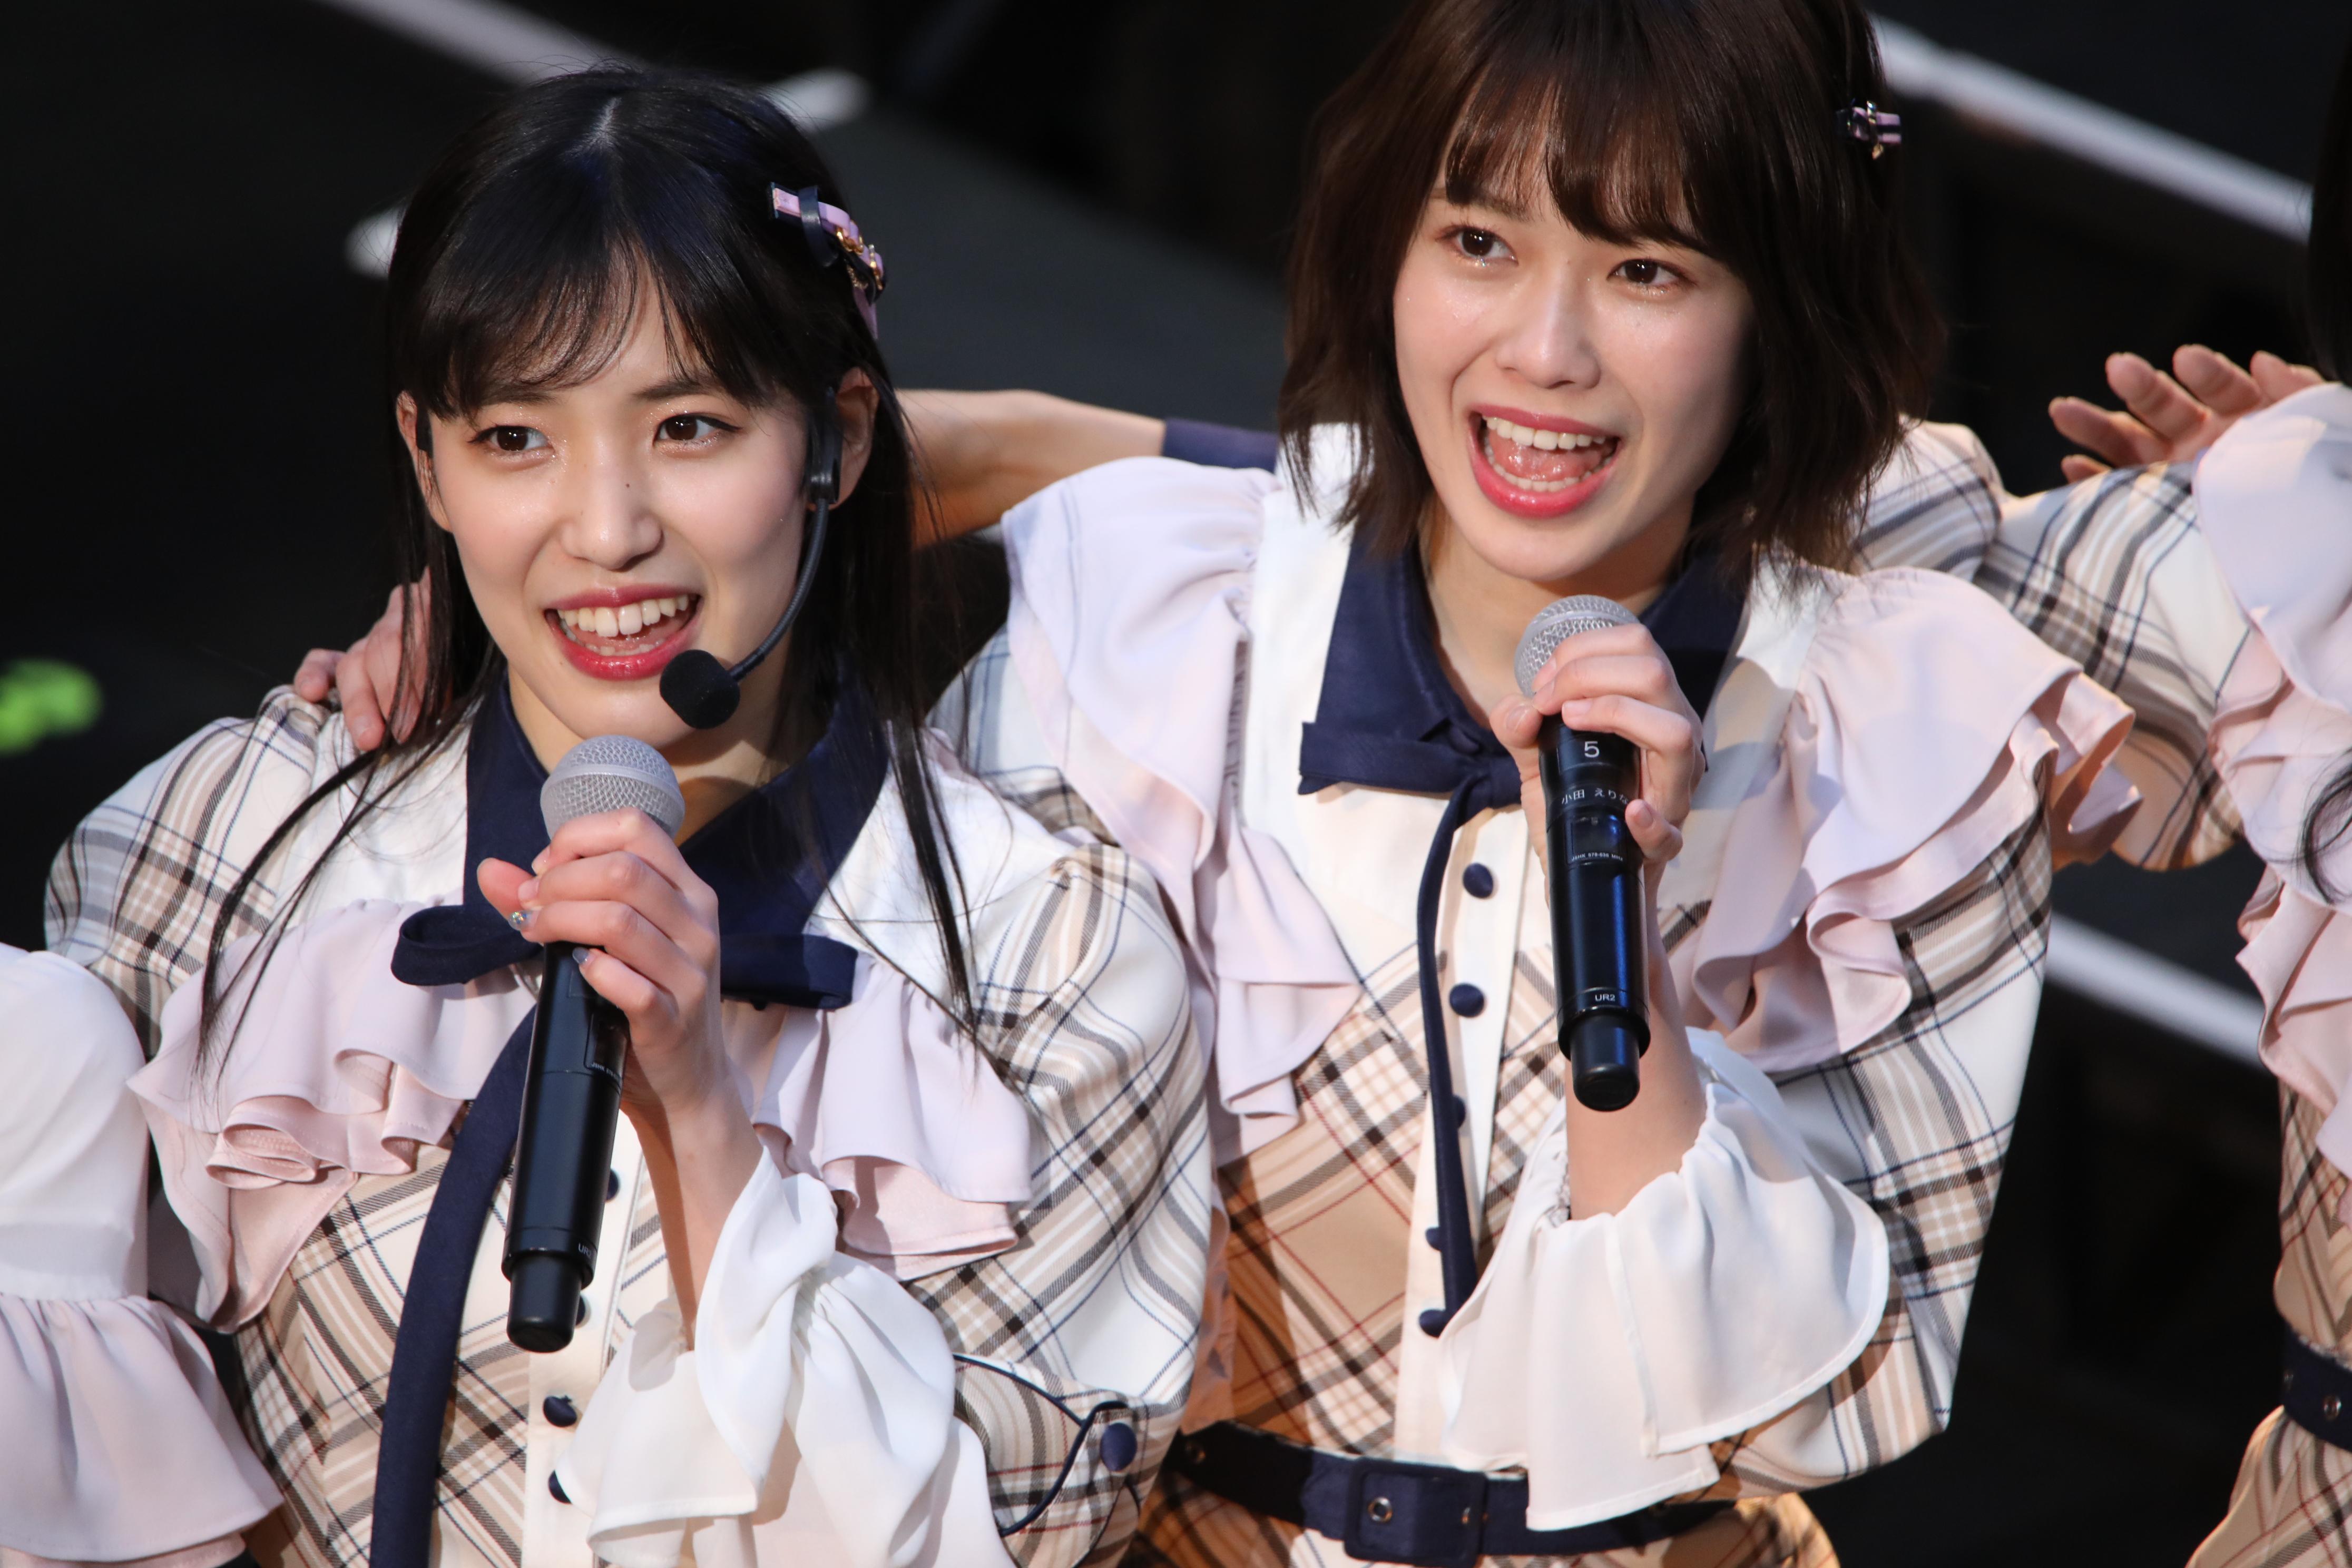 チーム8結成5周年コンサートでの小田えりな(右)